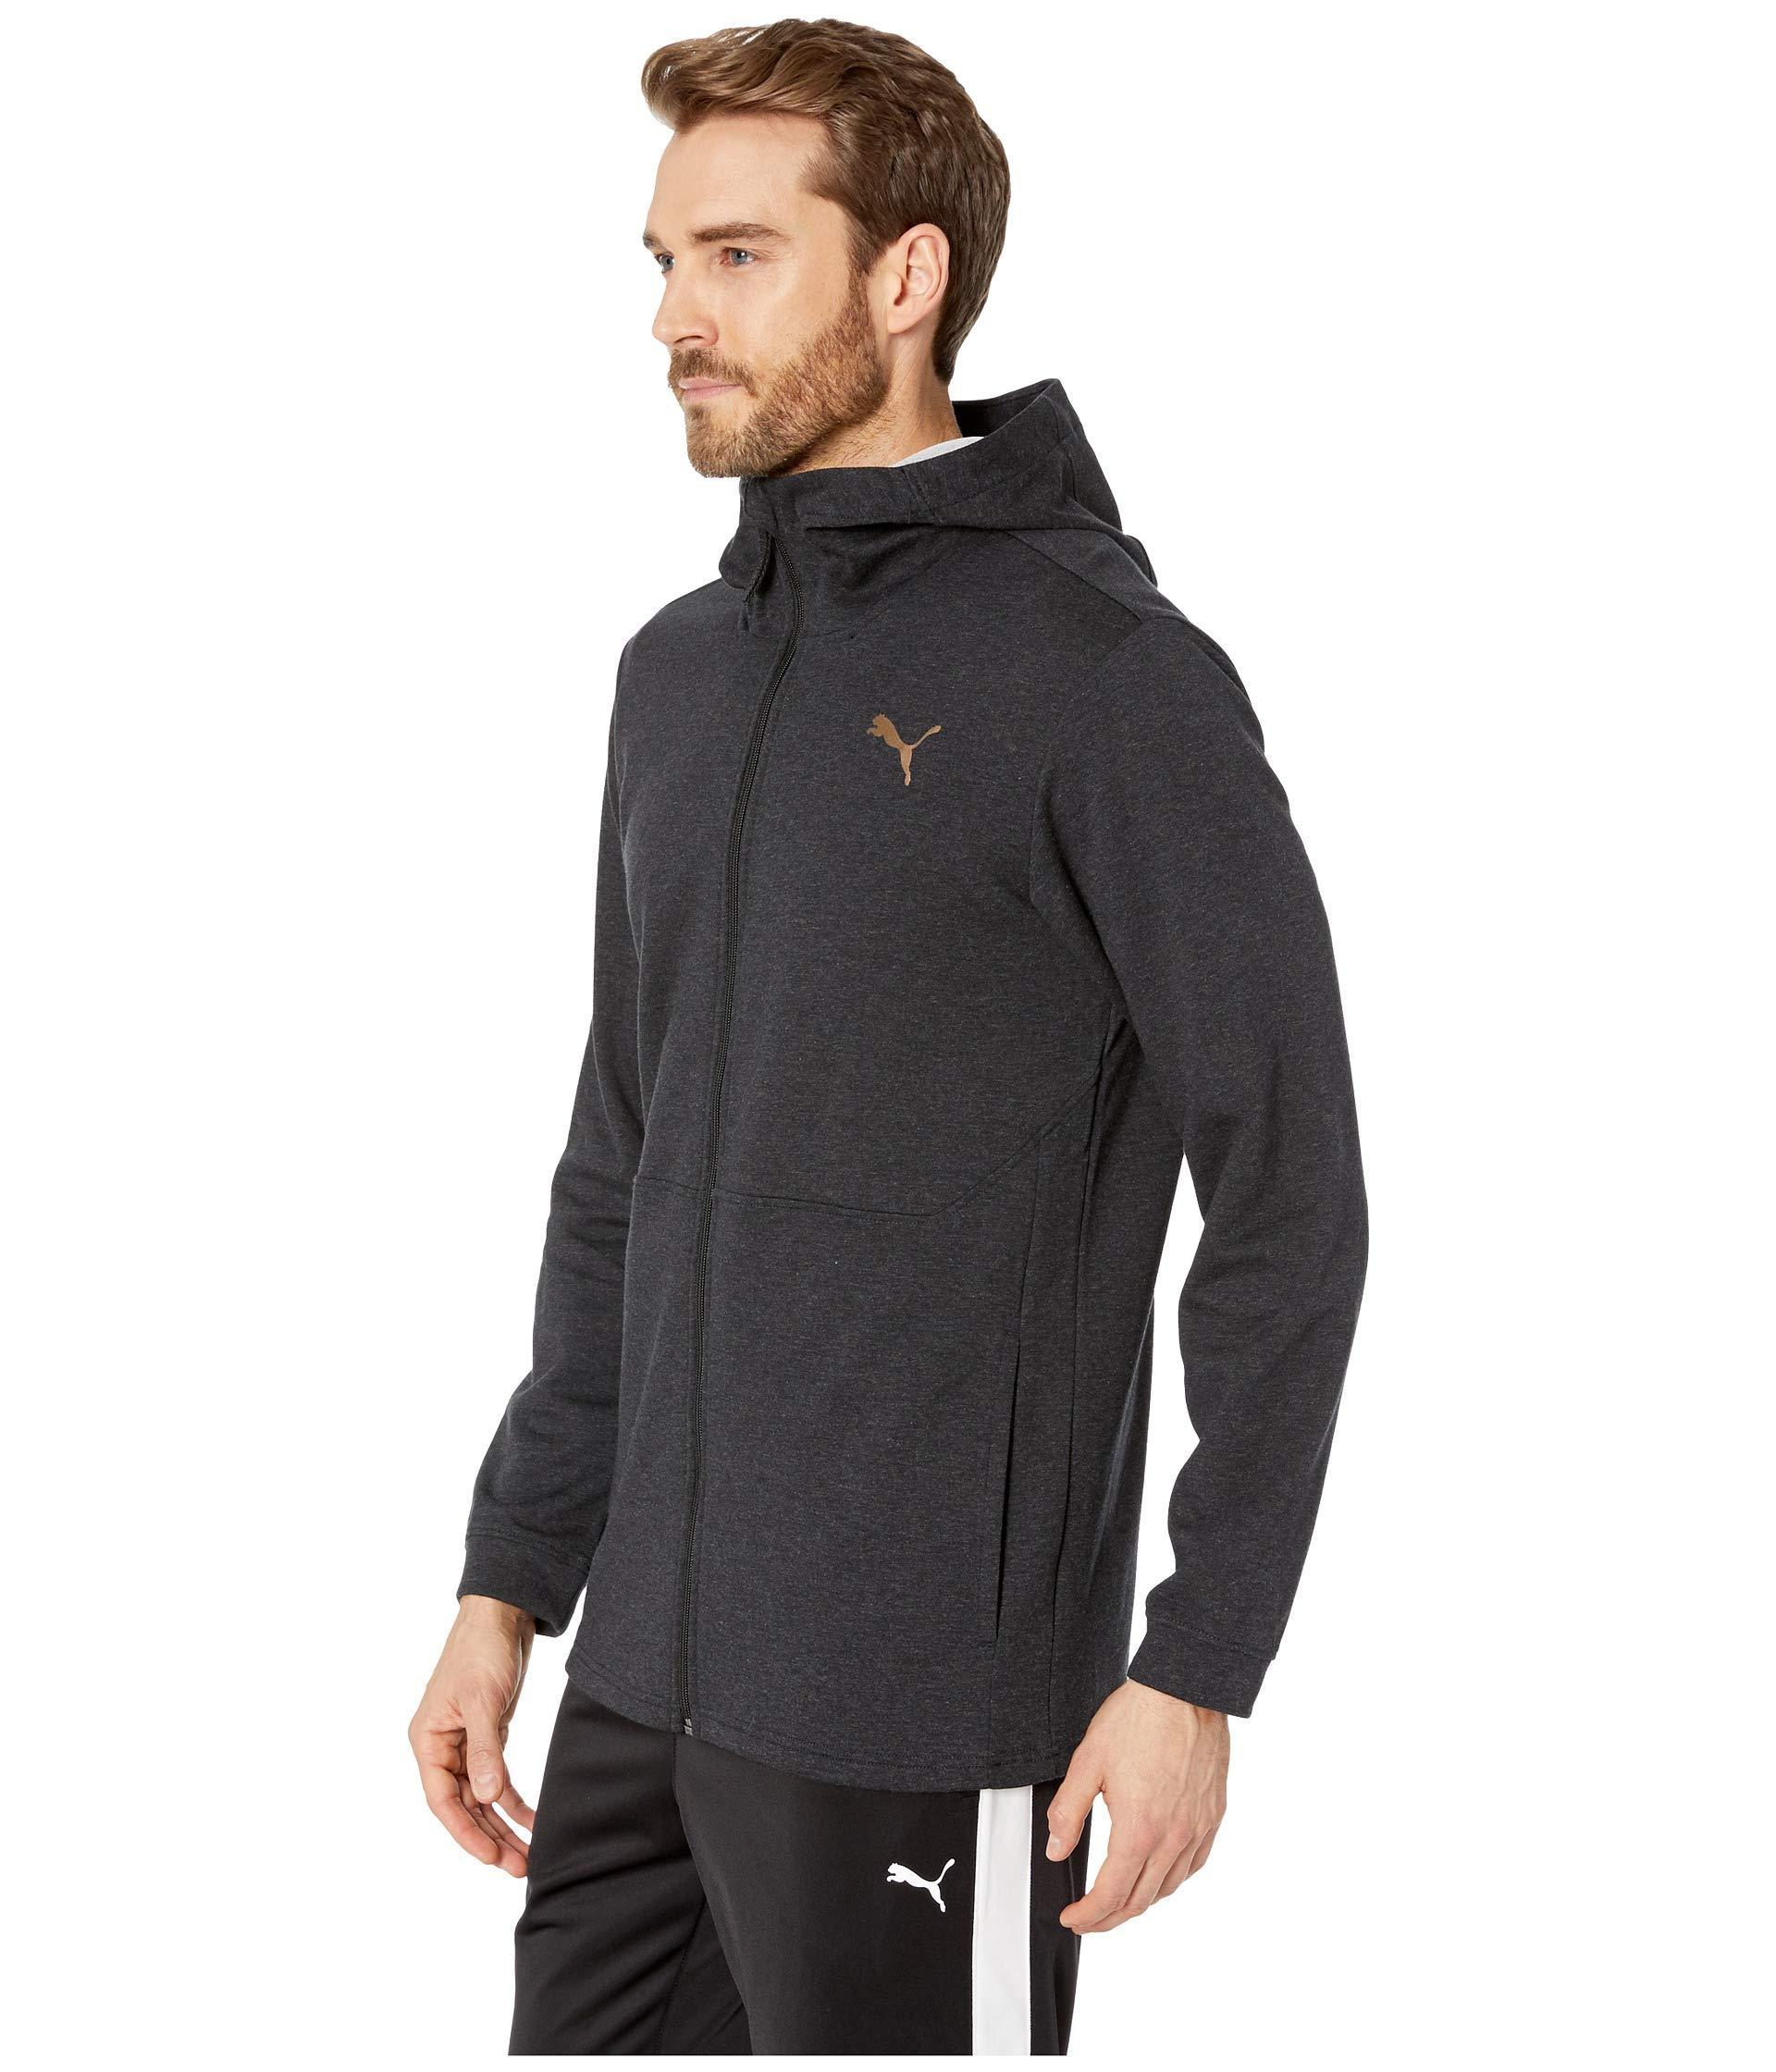 2808edef8a Lyst - PUMA Energy Desert Full Zip Jacket in Black for Men